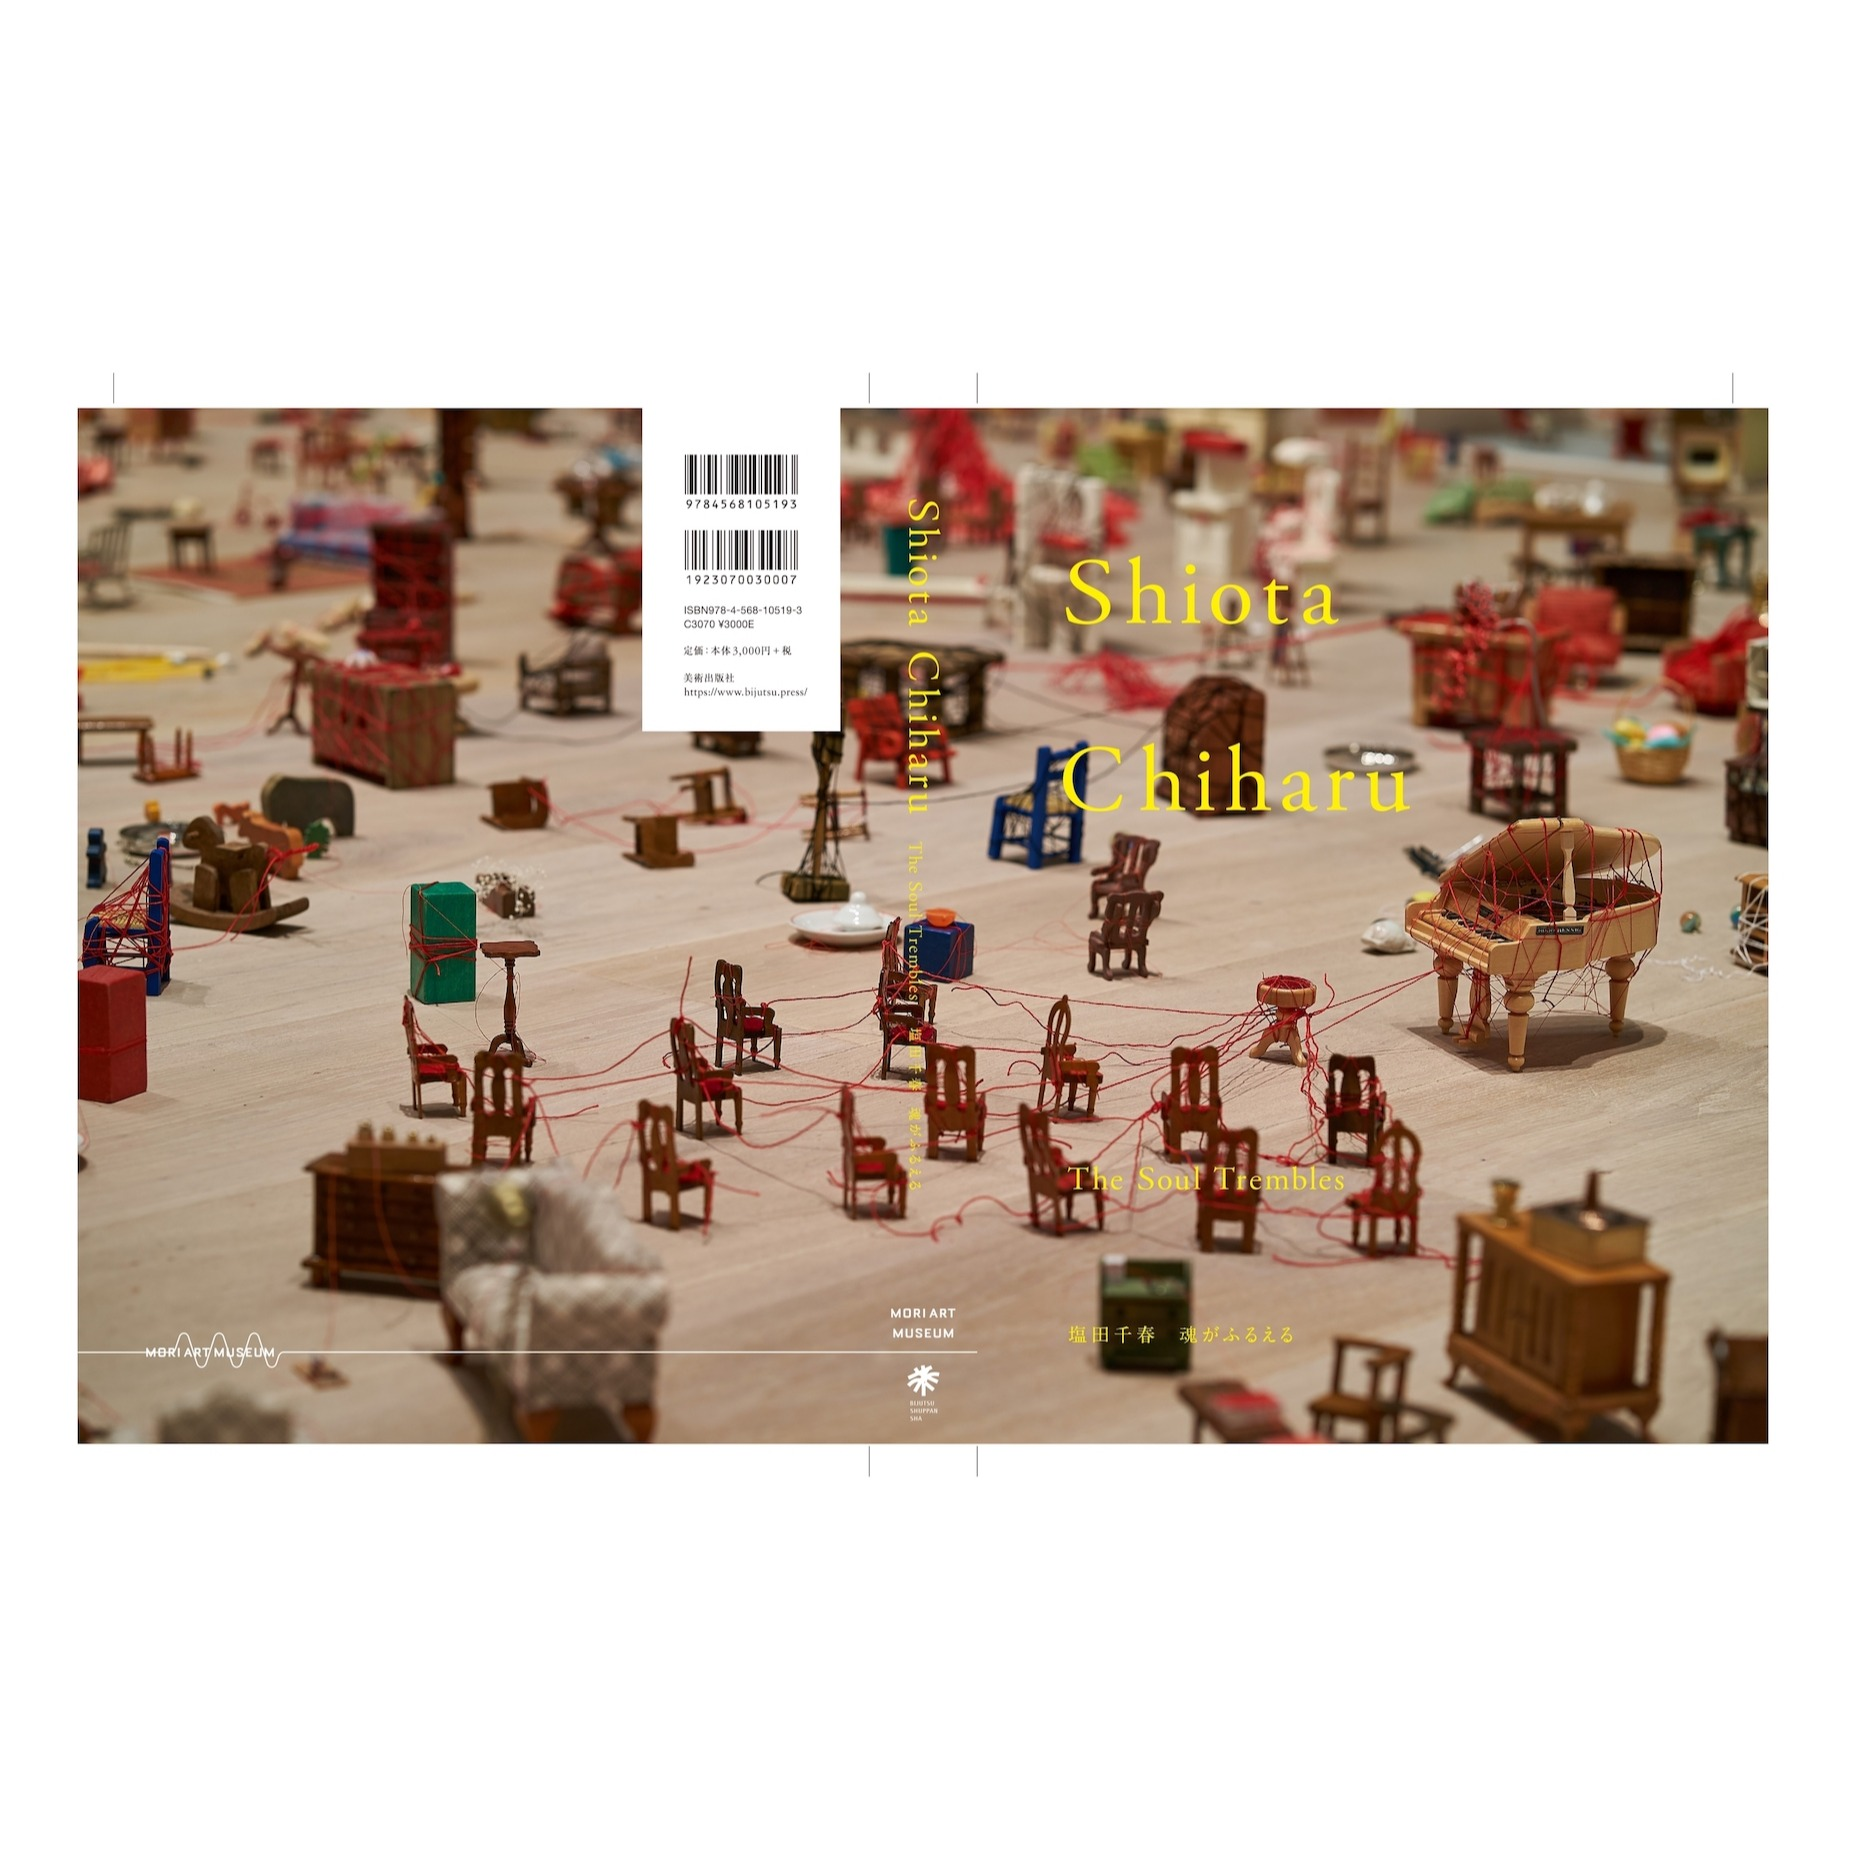 塩田千春「魂がふるえる」展覧会公式図録